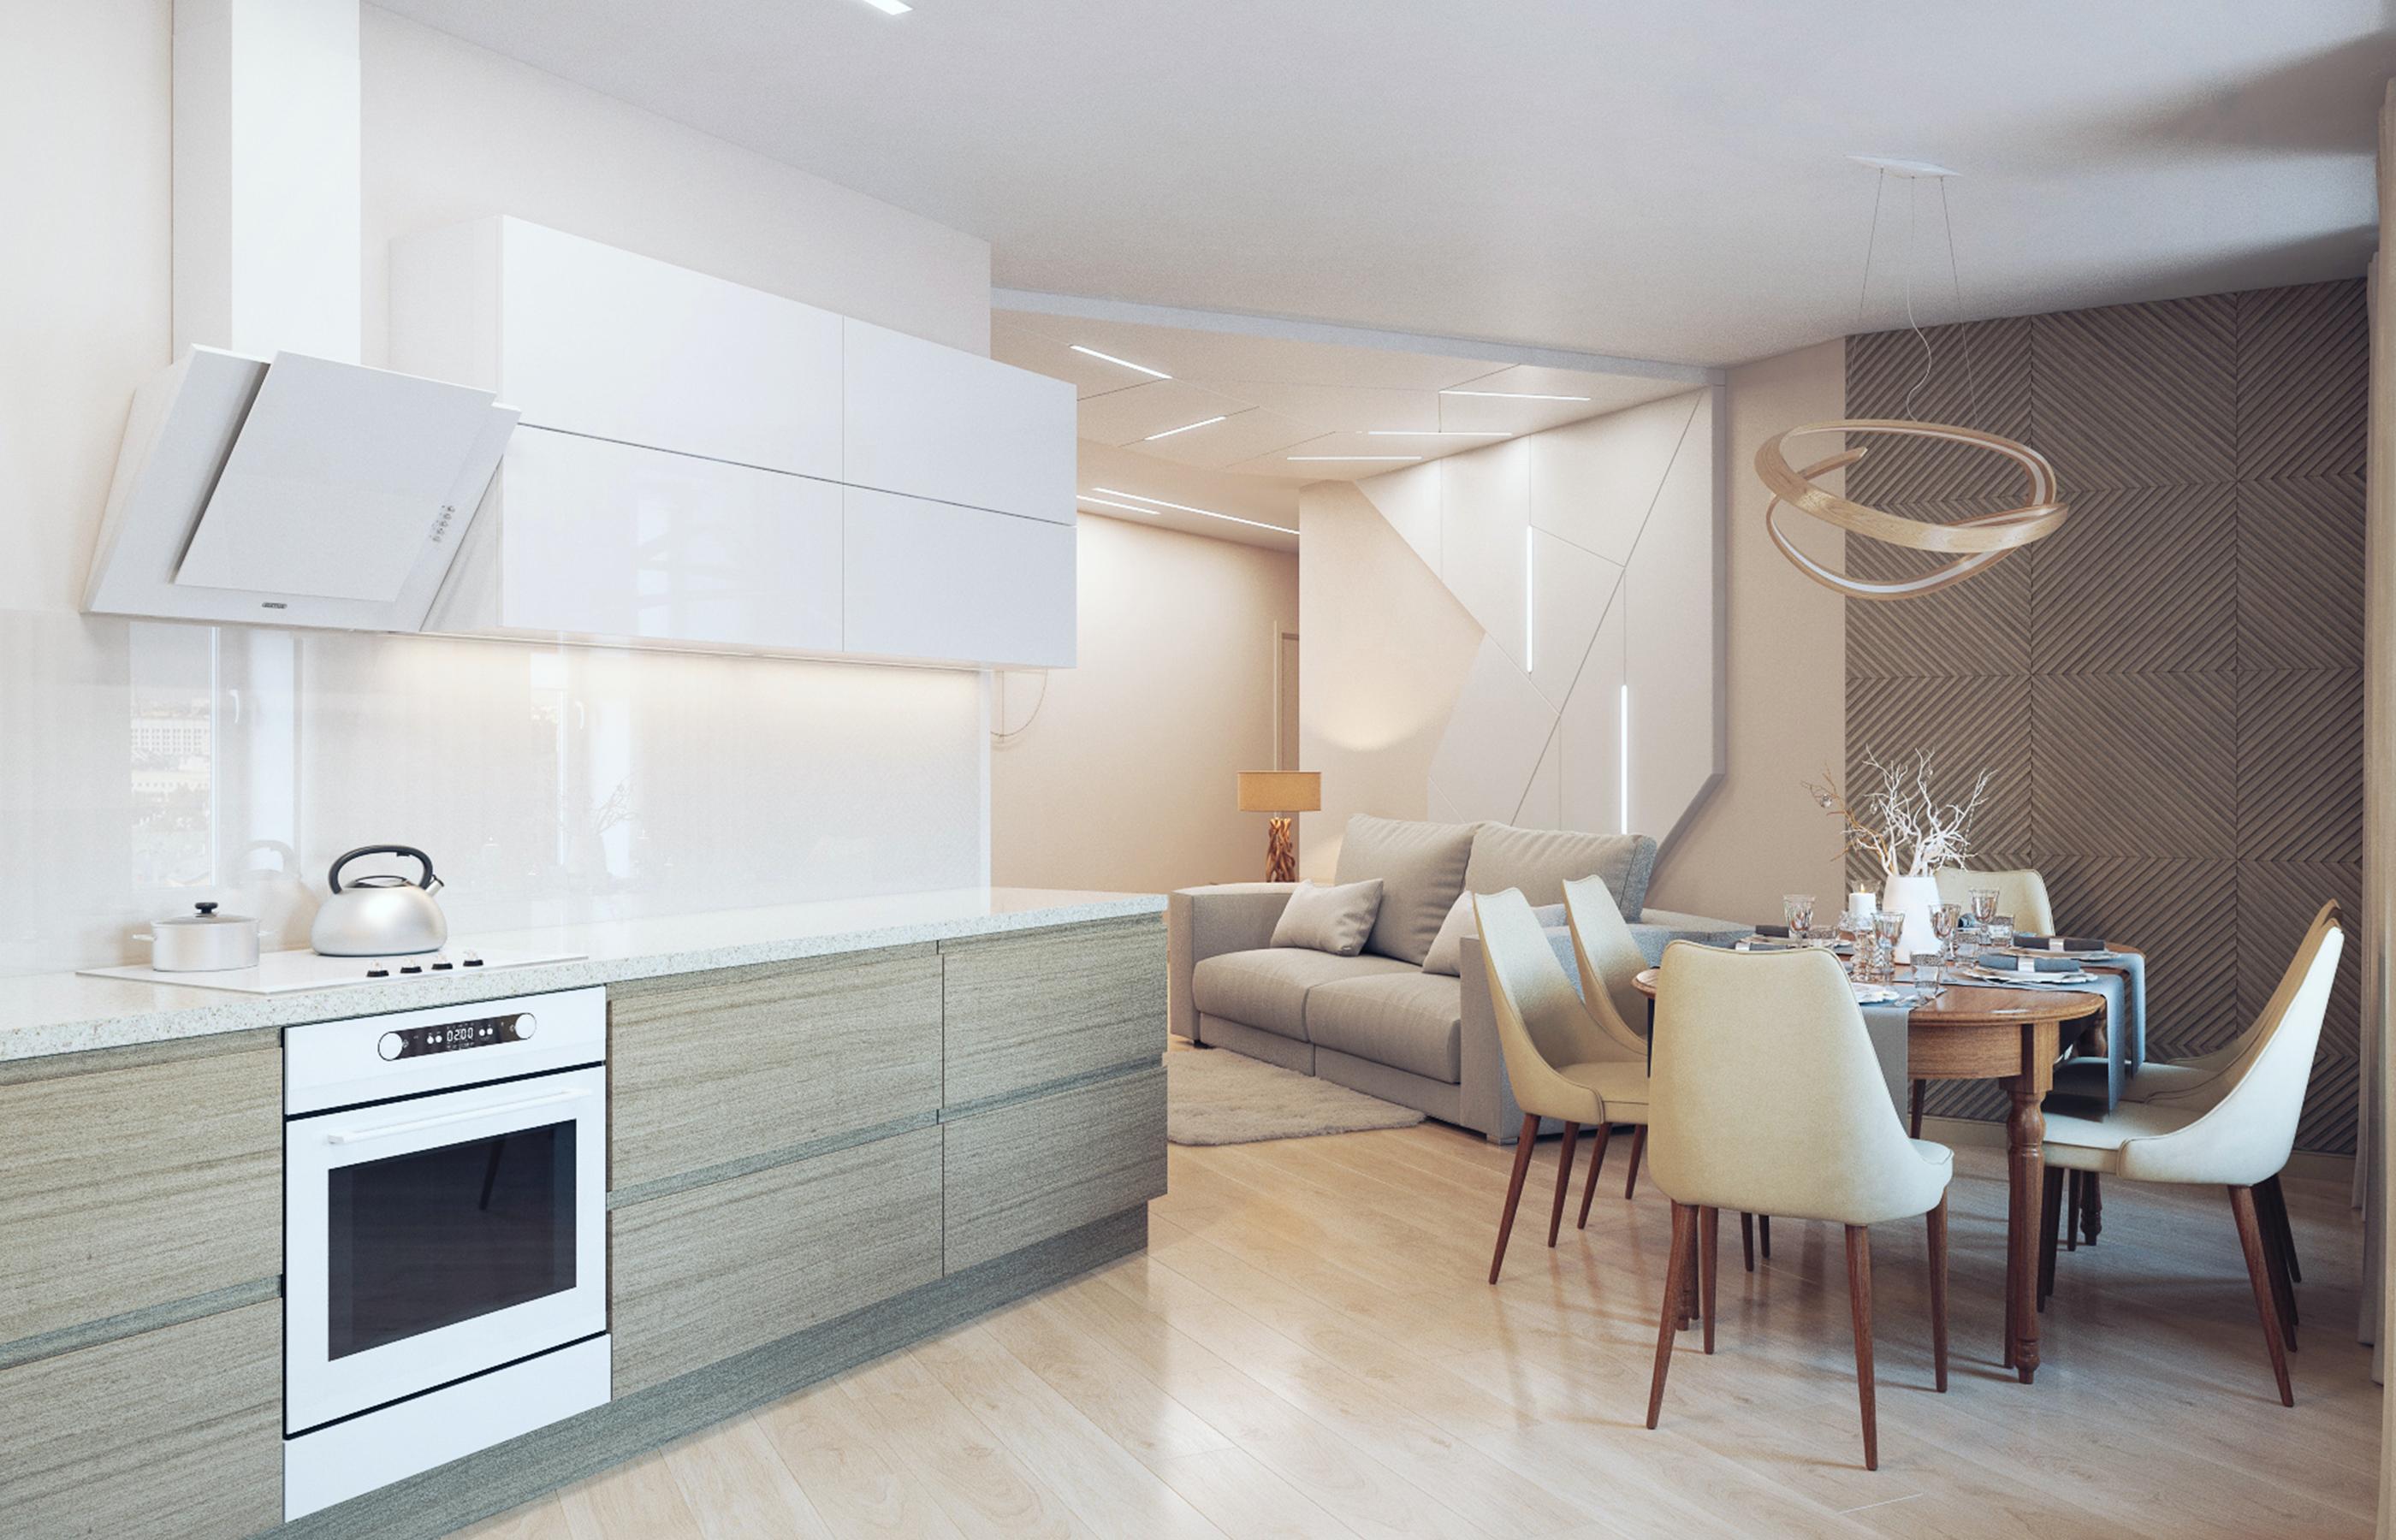 Минималистичная кухня хорошо дополняет сложный интерьер гостиной